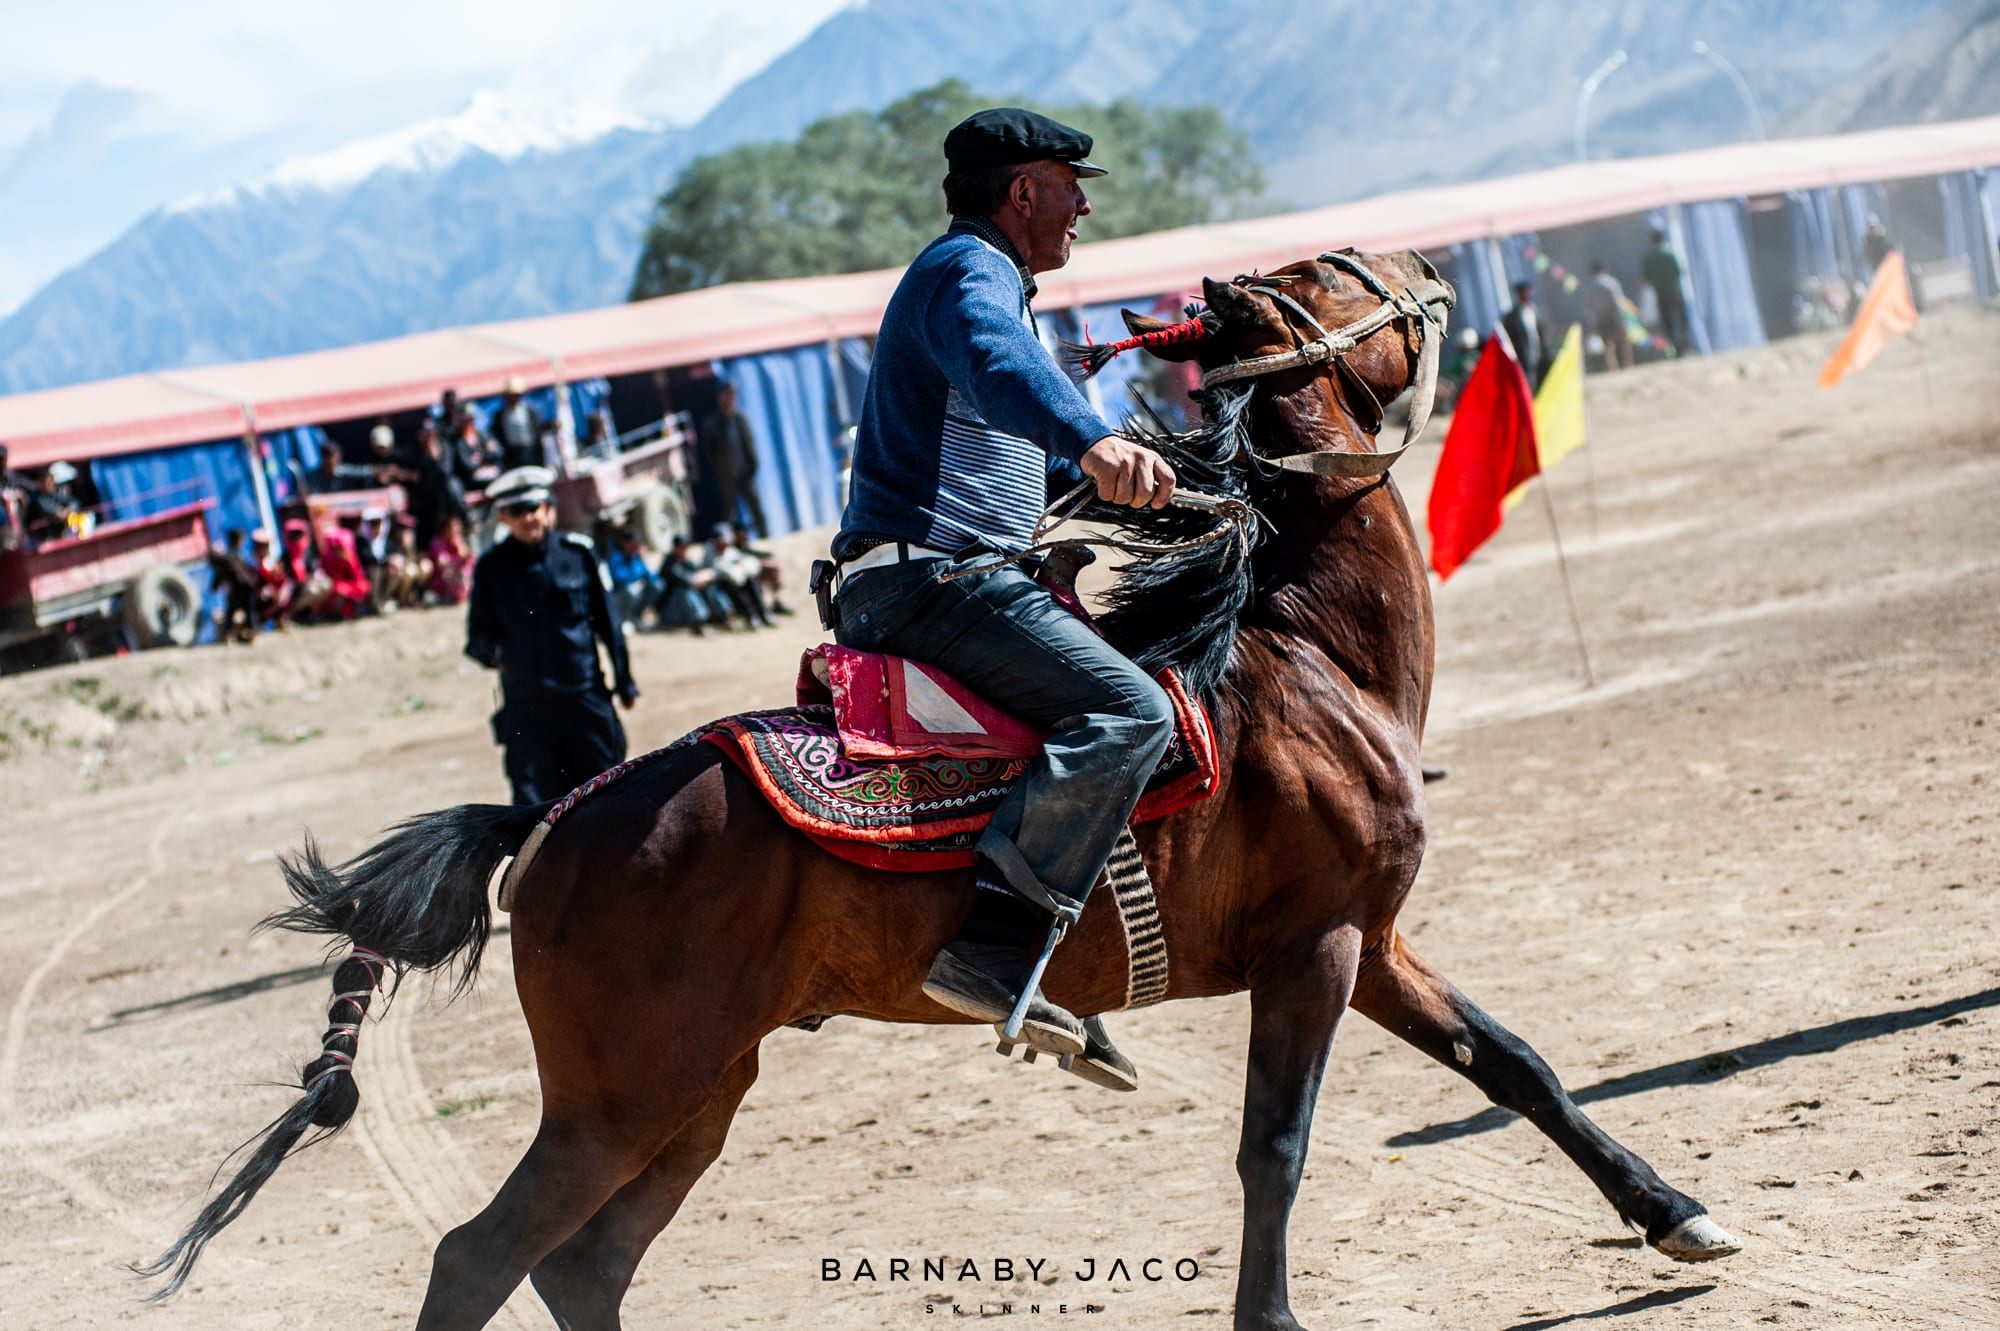 The Tashkurgan Horse Fair